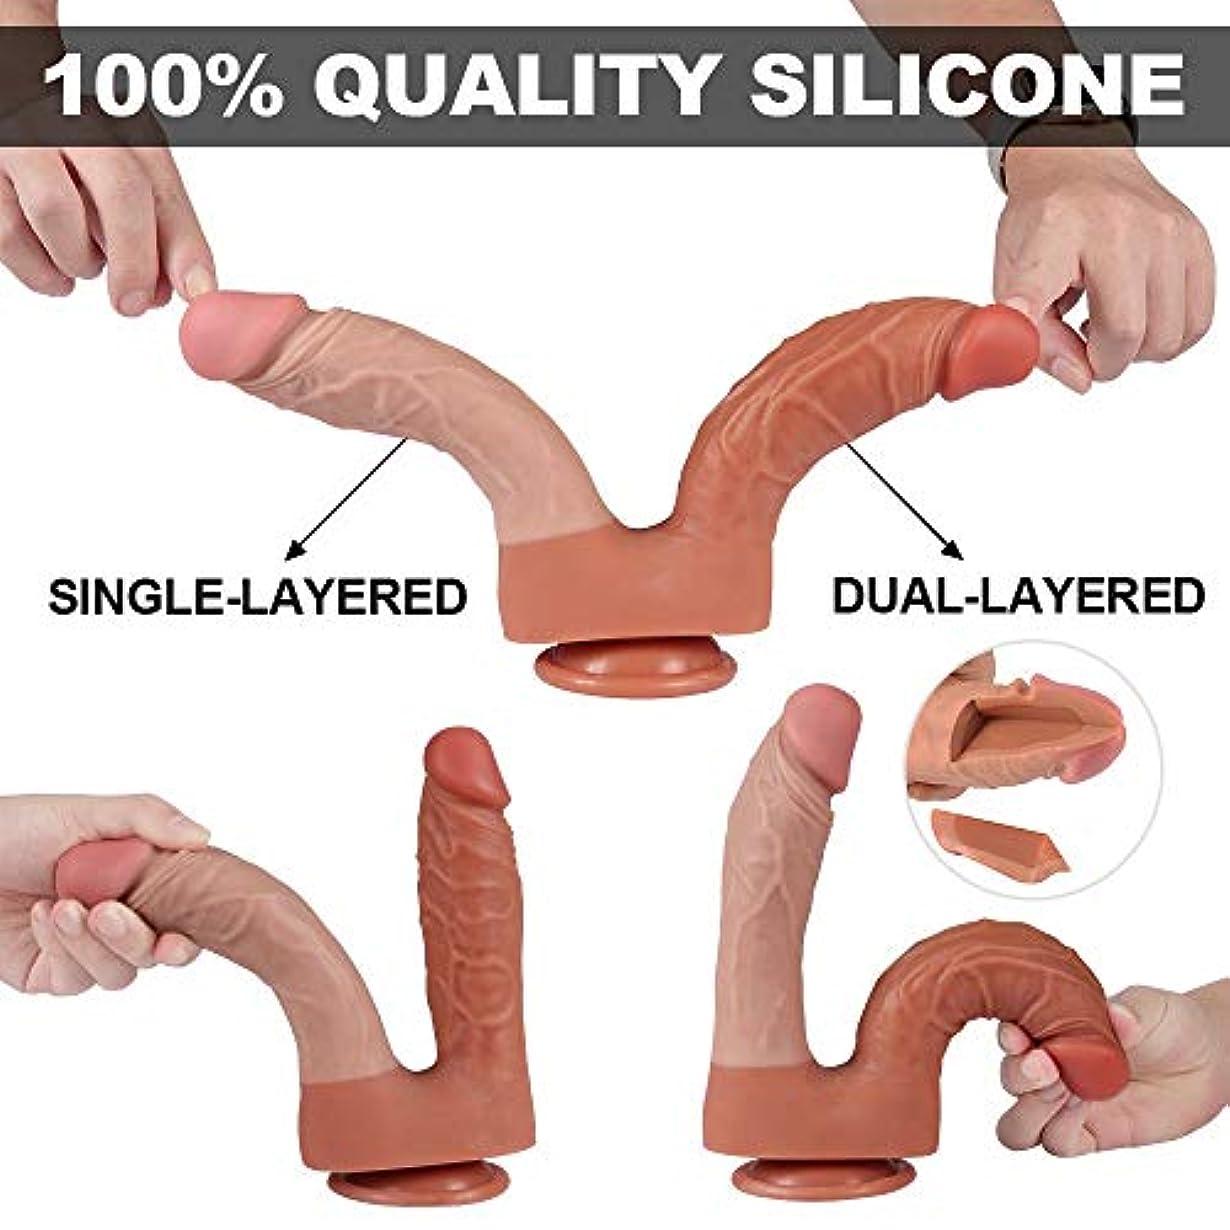 変形する活性化アーサーY-angcco6 ソフトで柔軟なダブルヘッドマッサージSEおもちゃ女性カップル - 100%秘密のパッキング